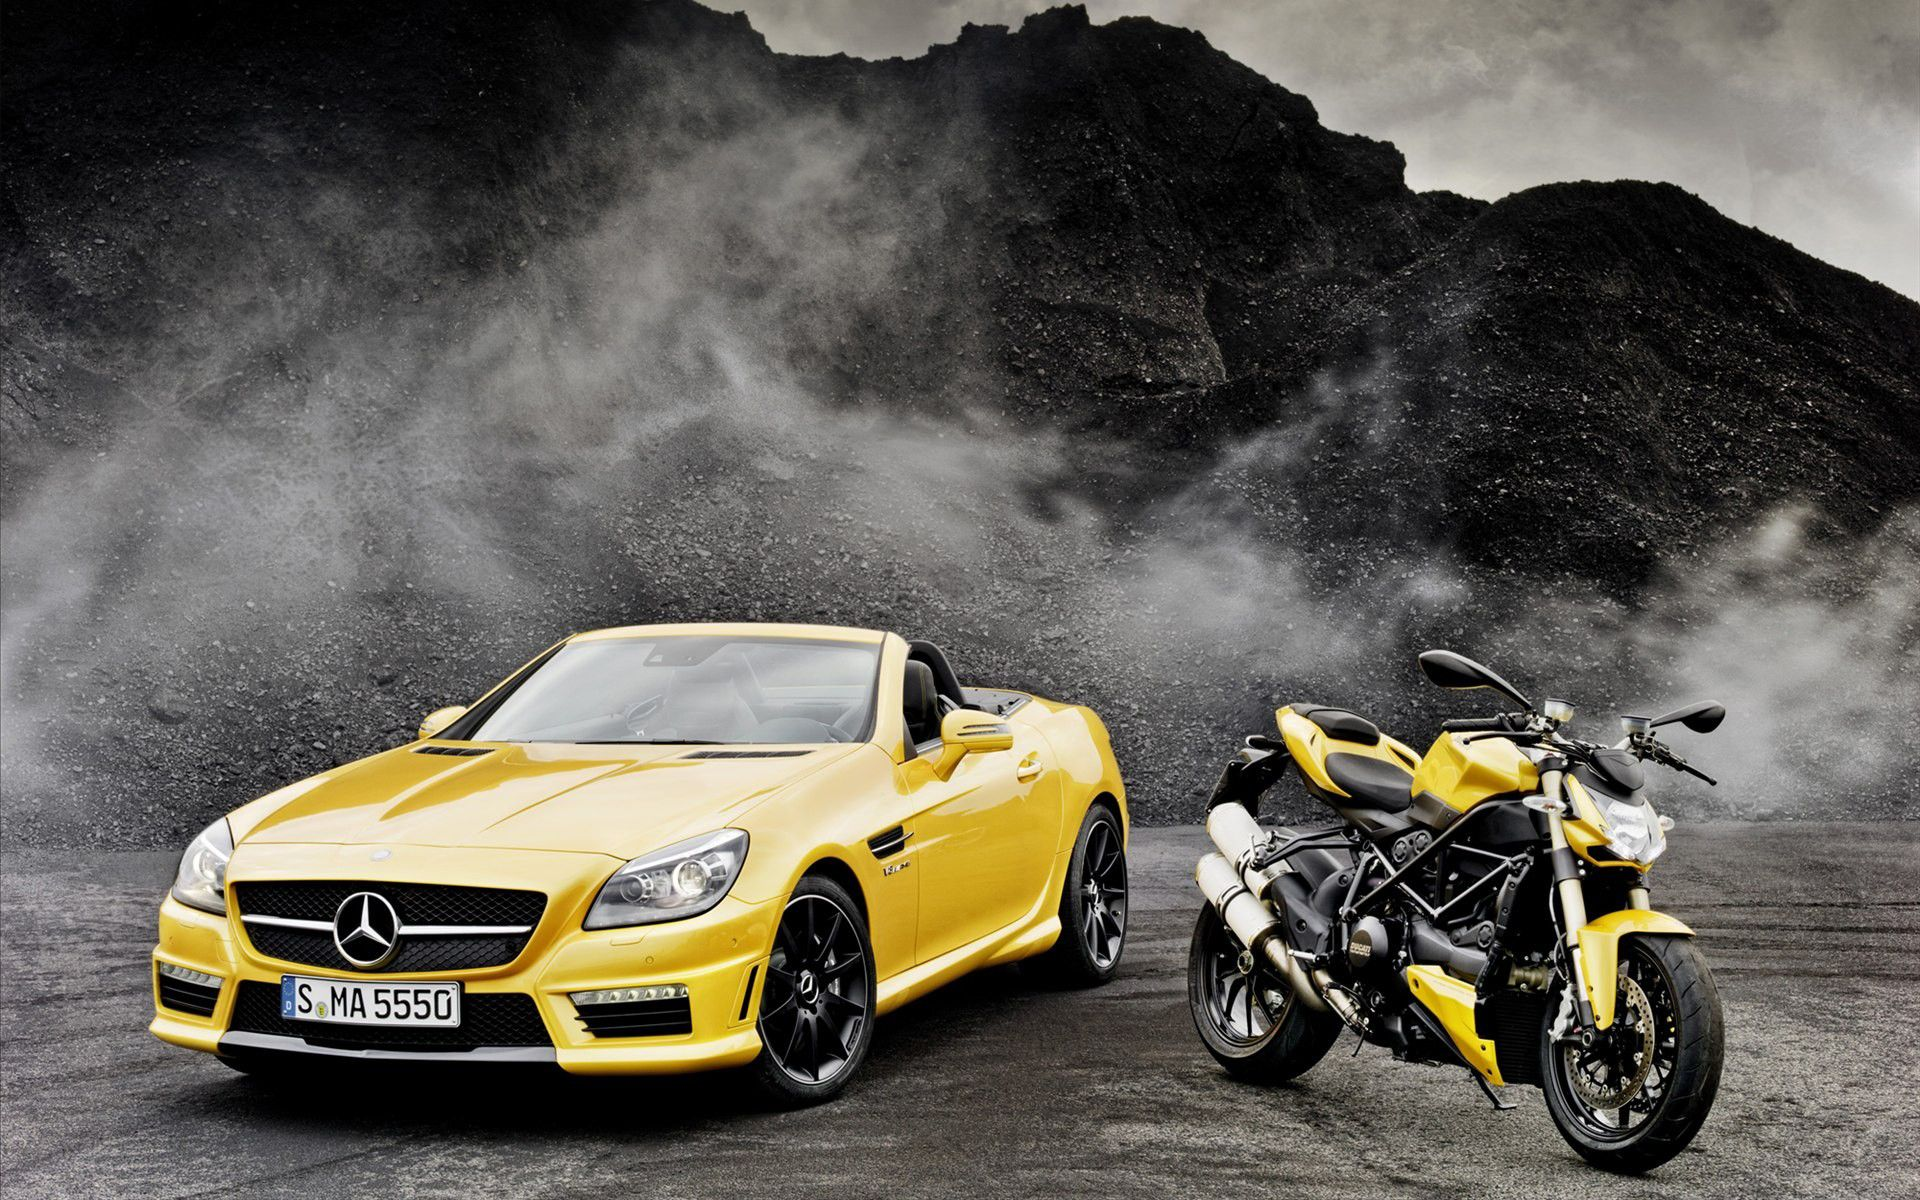 Mercedes Benz SLK 55 AMG de 2011 (422 CV) y Ducati Streetfighter 848 de 2011 (132 CV). Ambos en color Streetfighter yellow. Se venden por separado.